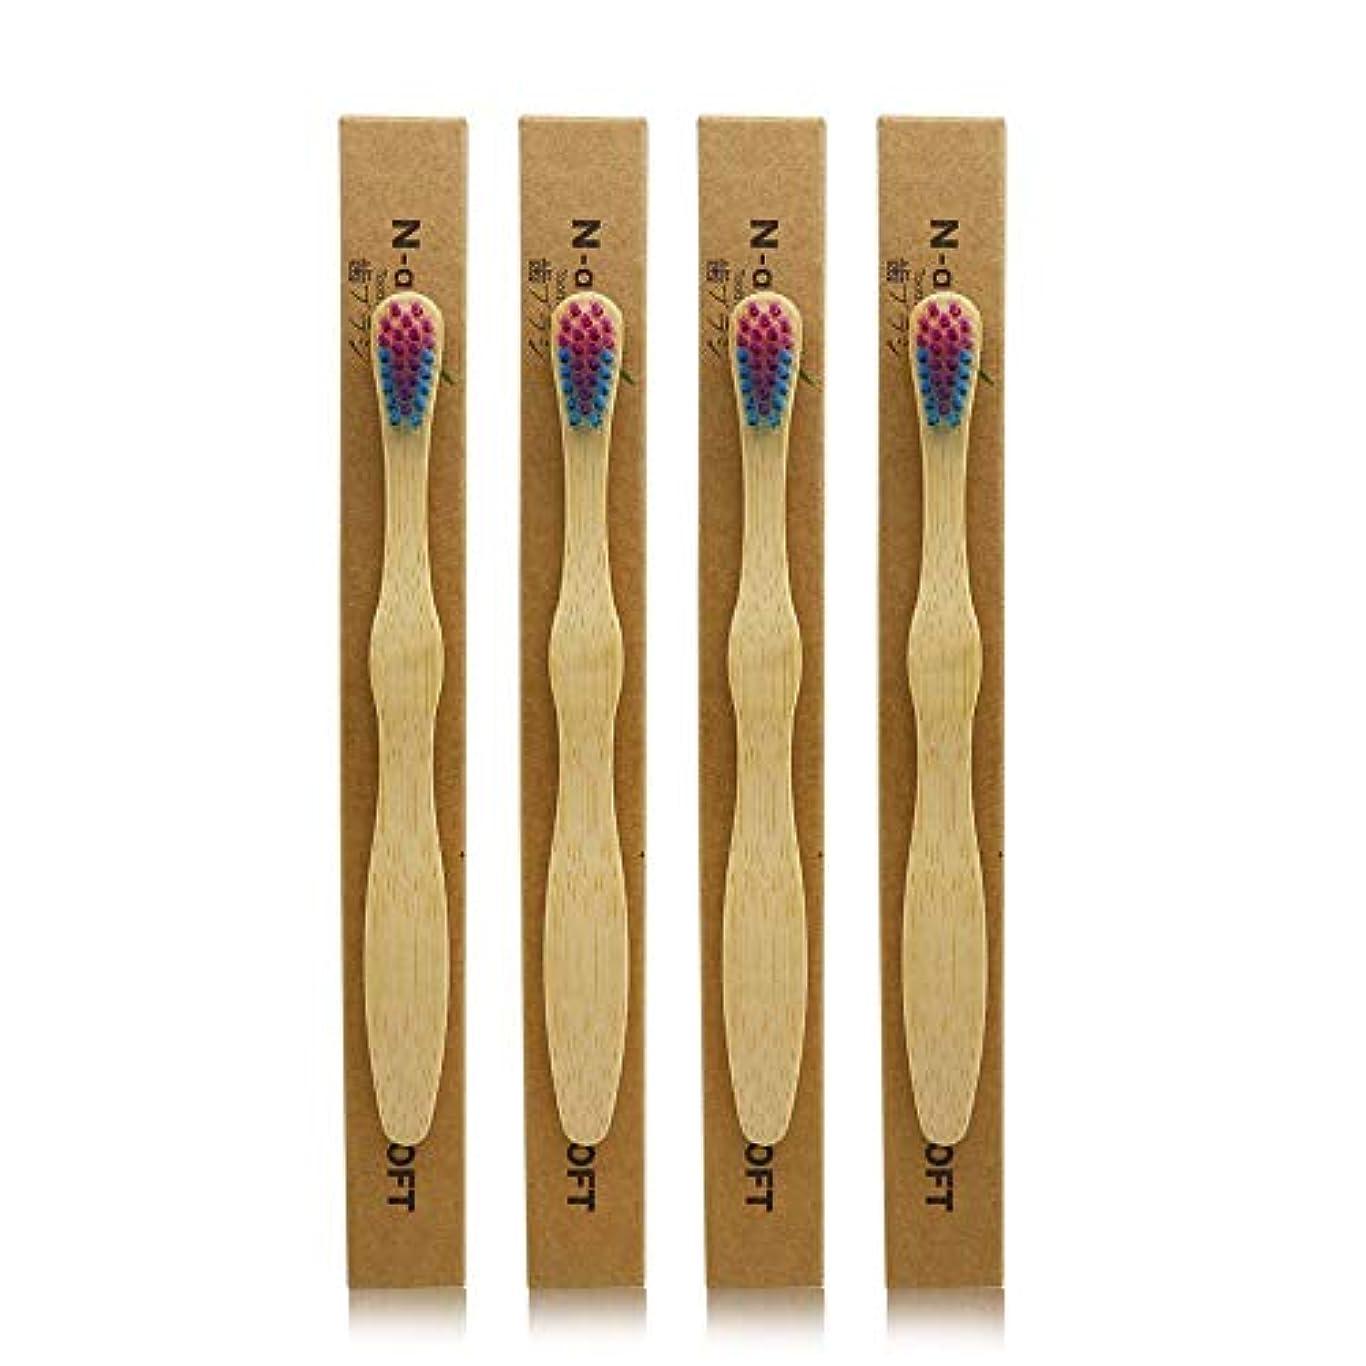 染色住むインストールN-amboo 竹製耐久度高い 子供 歯ブラシ エコ 4本入り セット むらさきいろ